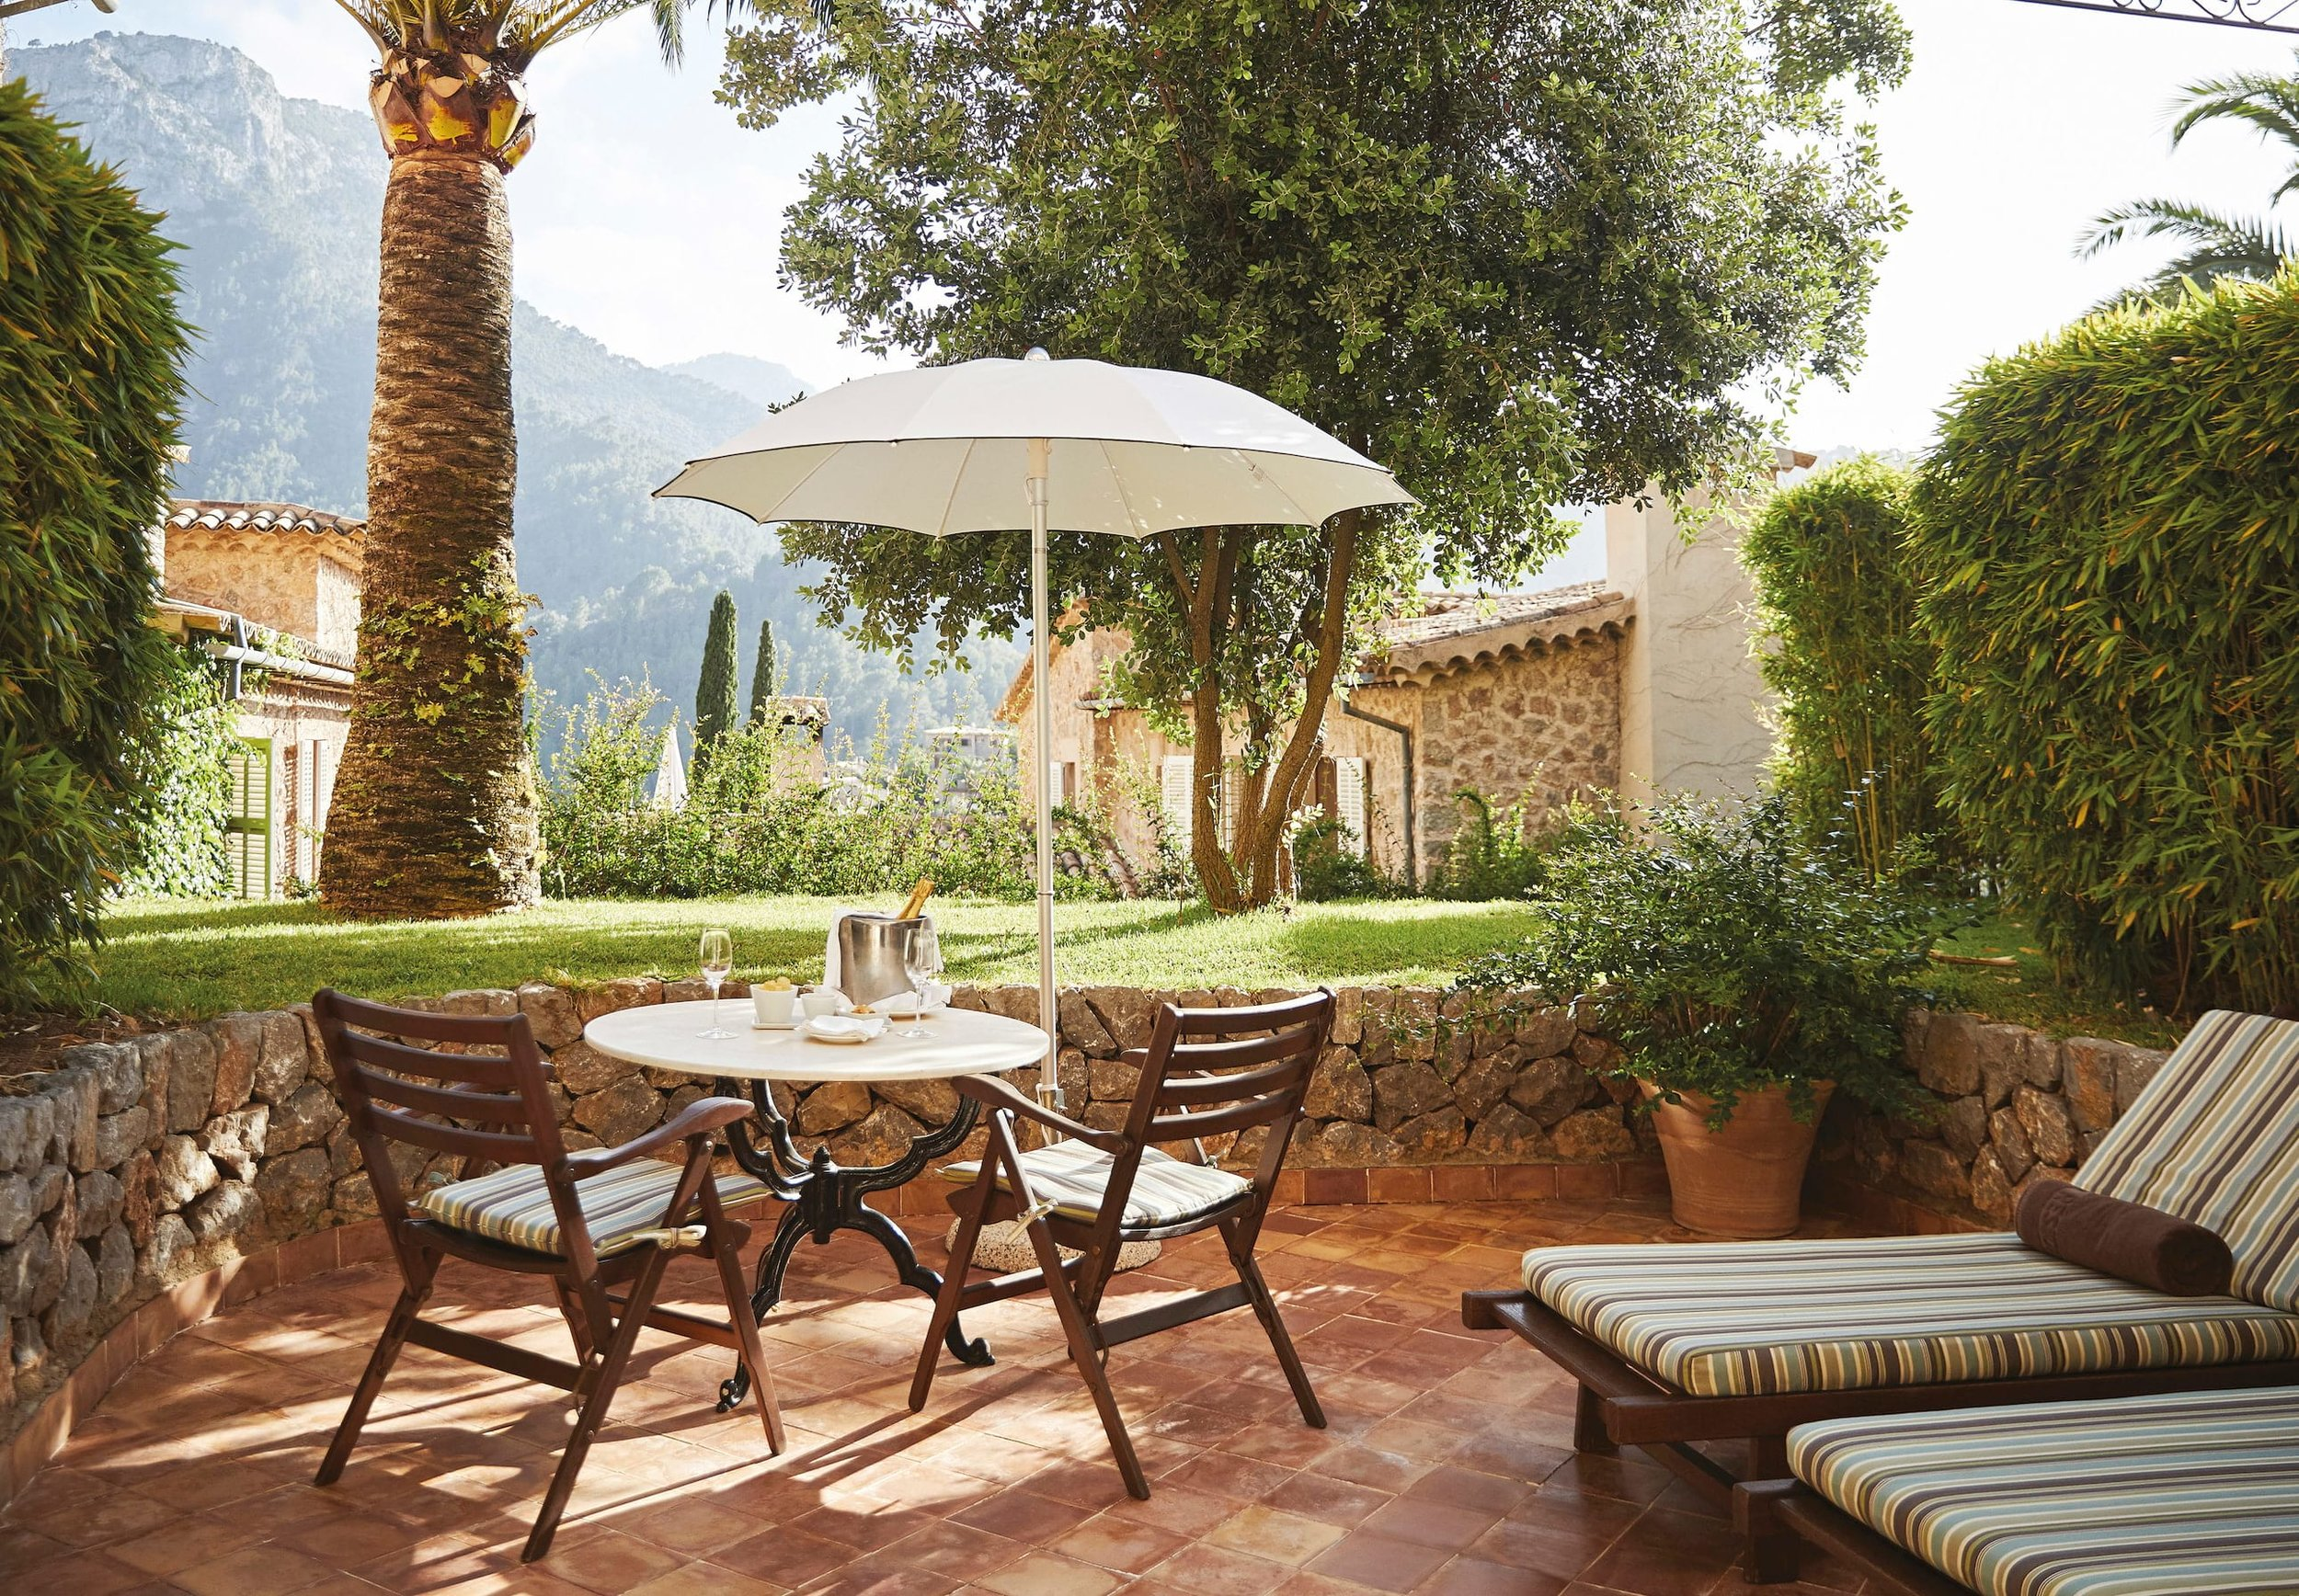 lrs-acc-room-deluxe-double-terrace01_2580x1792.jpg